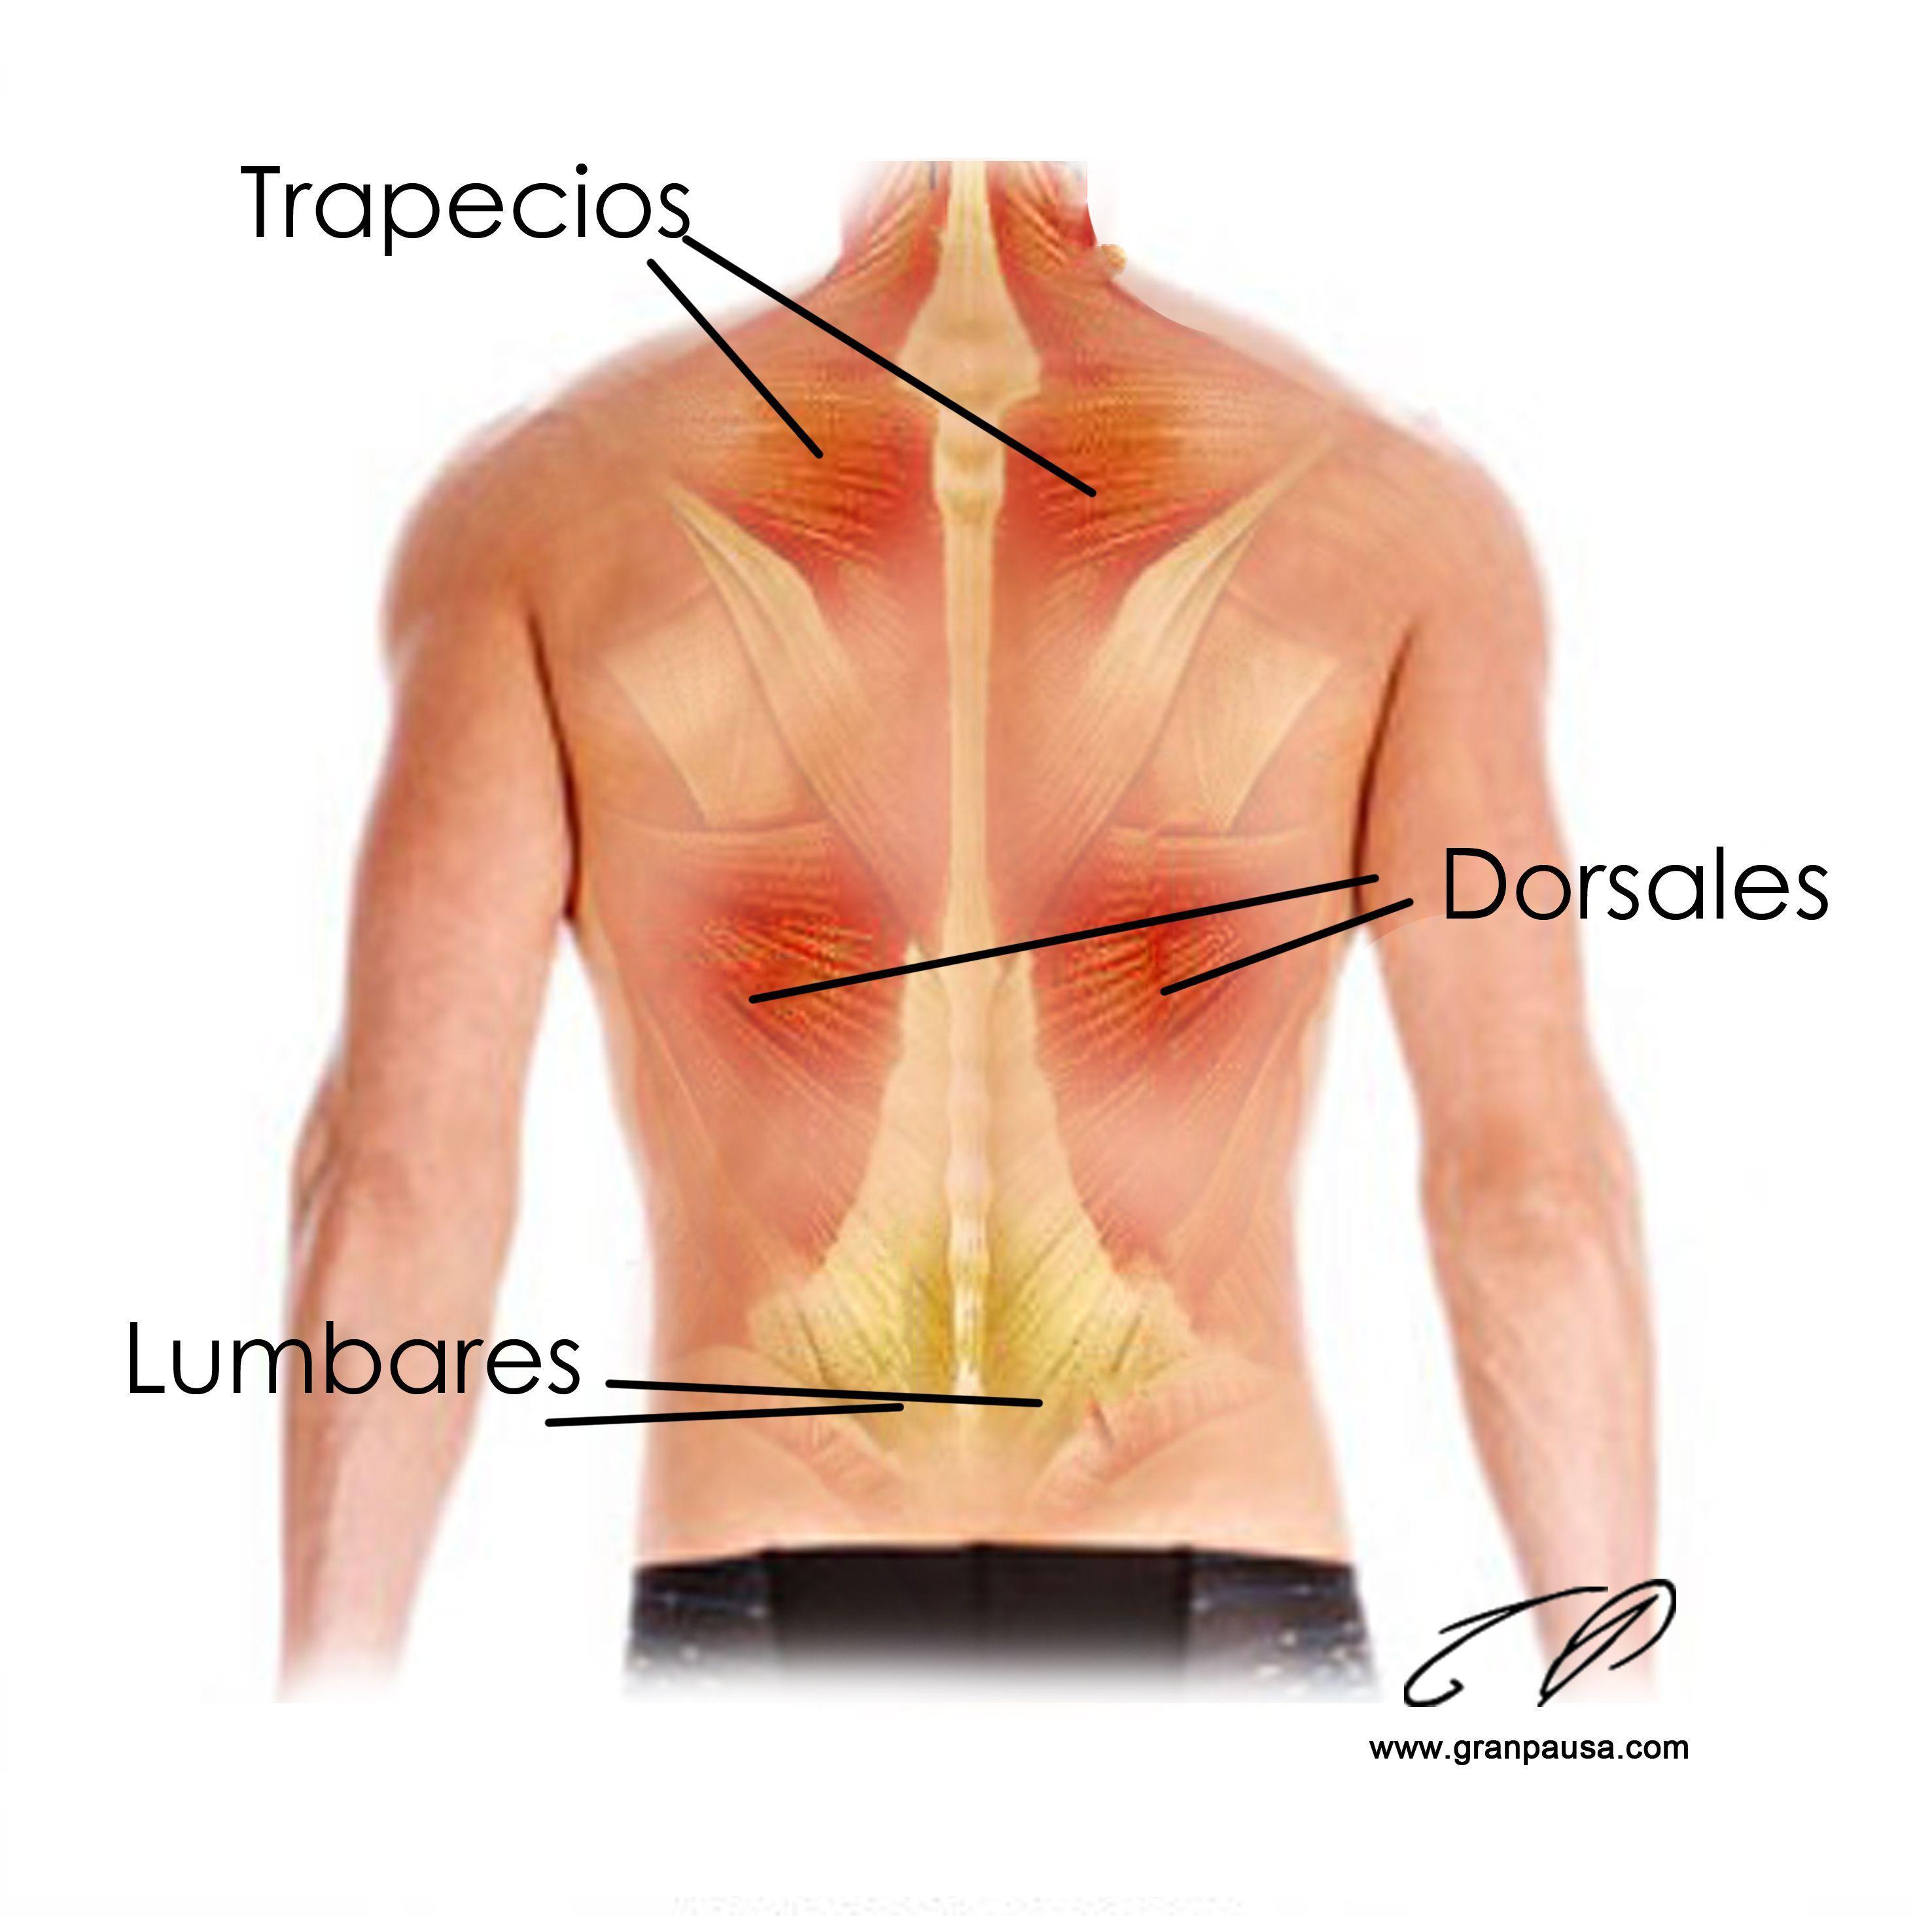 Como arreglar los dolores a la hernia sheynogo del departamento